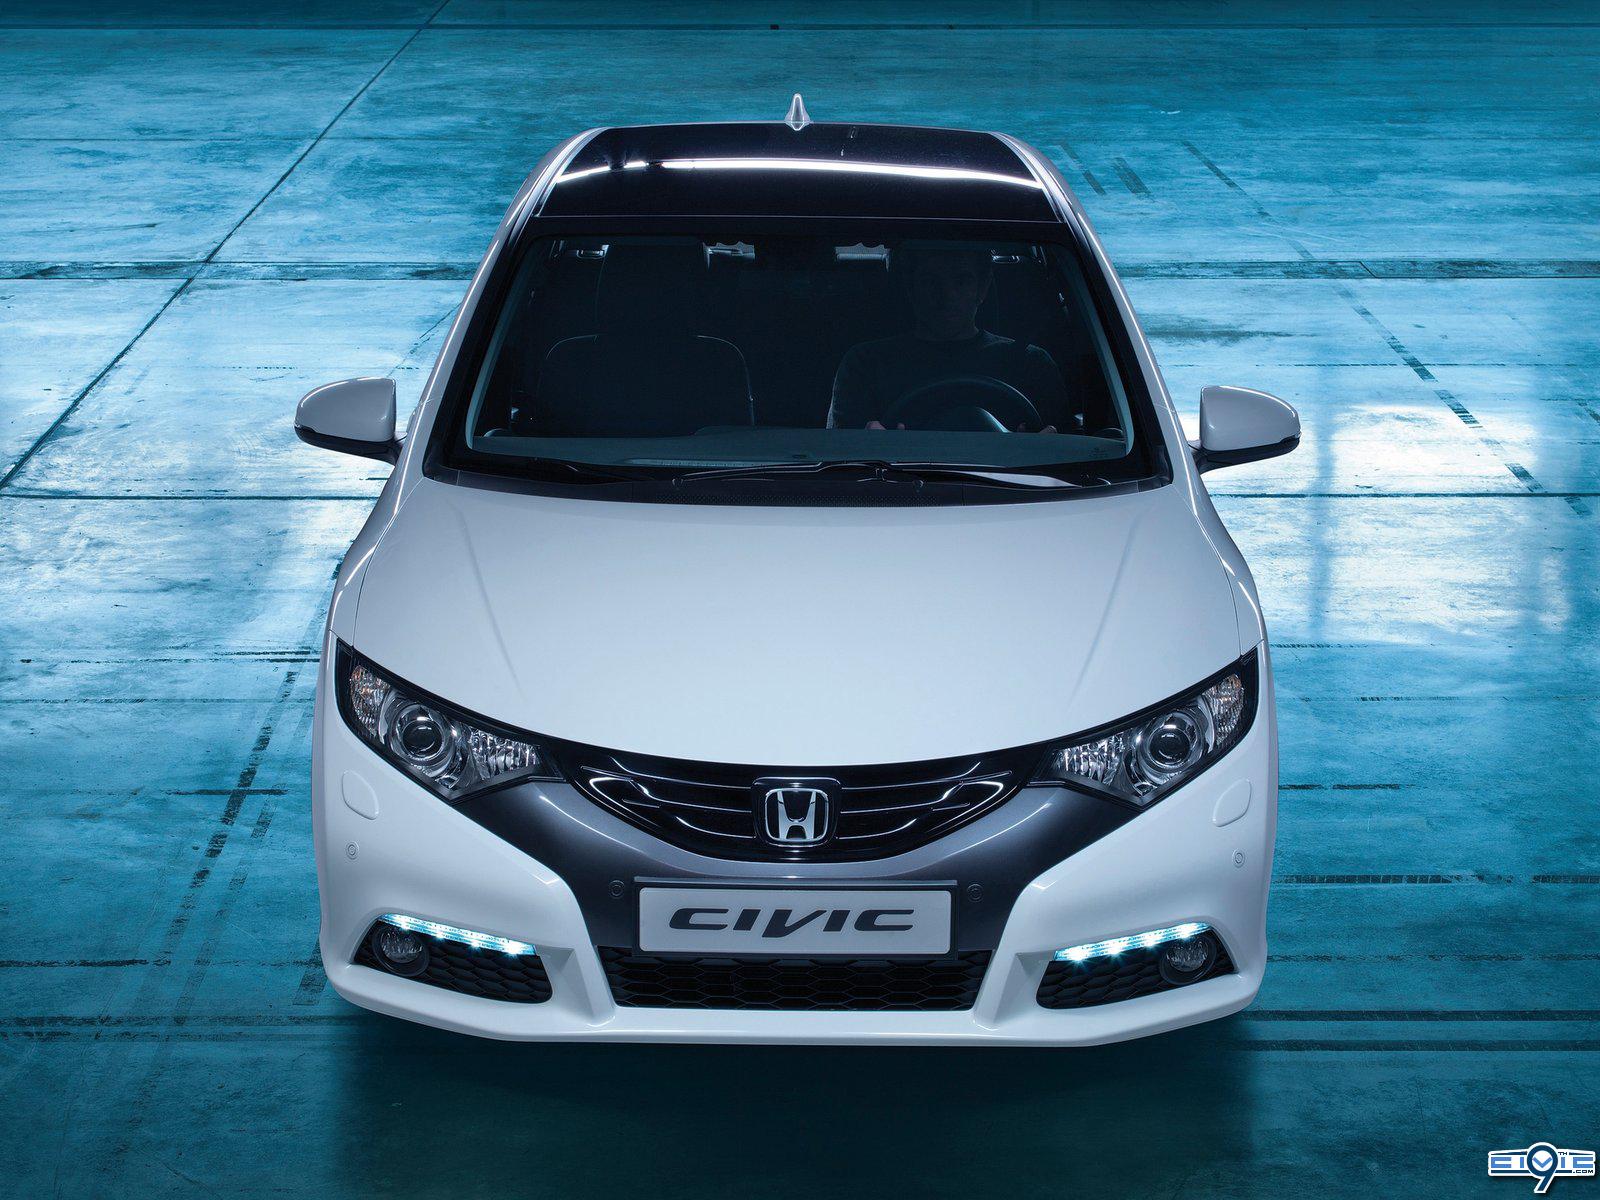 Автосалона компания Honda представила новое поколение хэтчбека Civ…